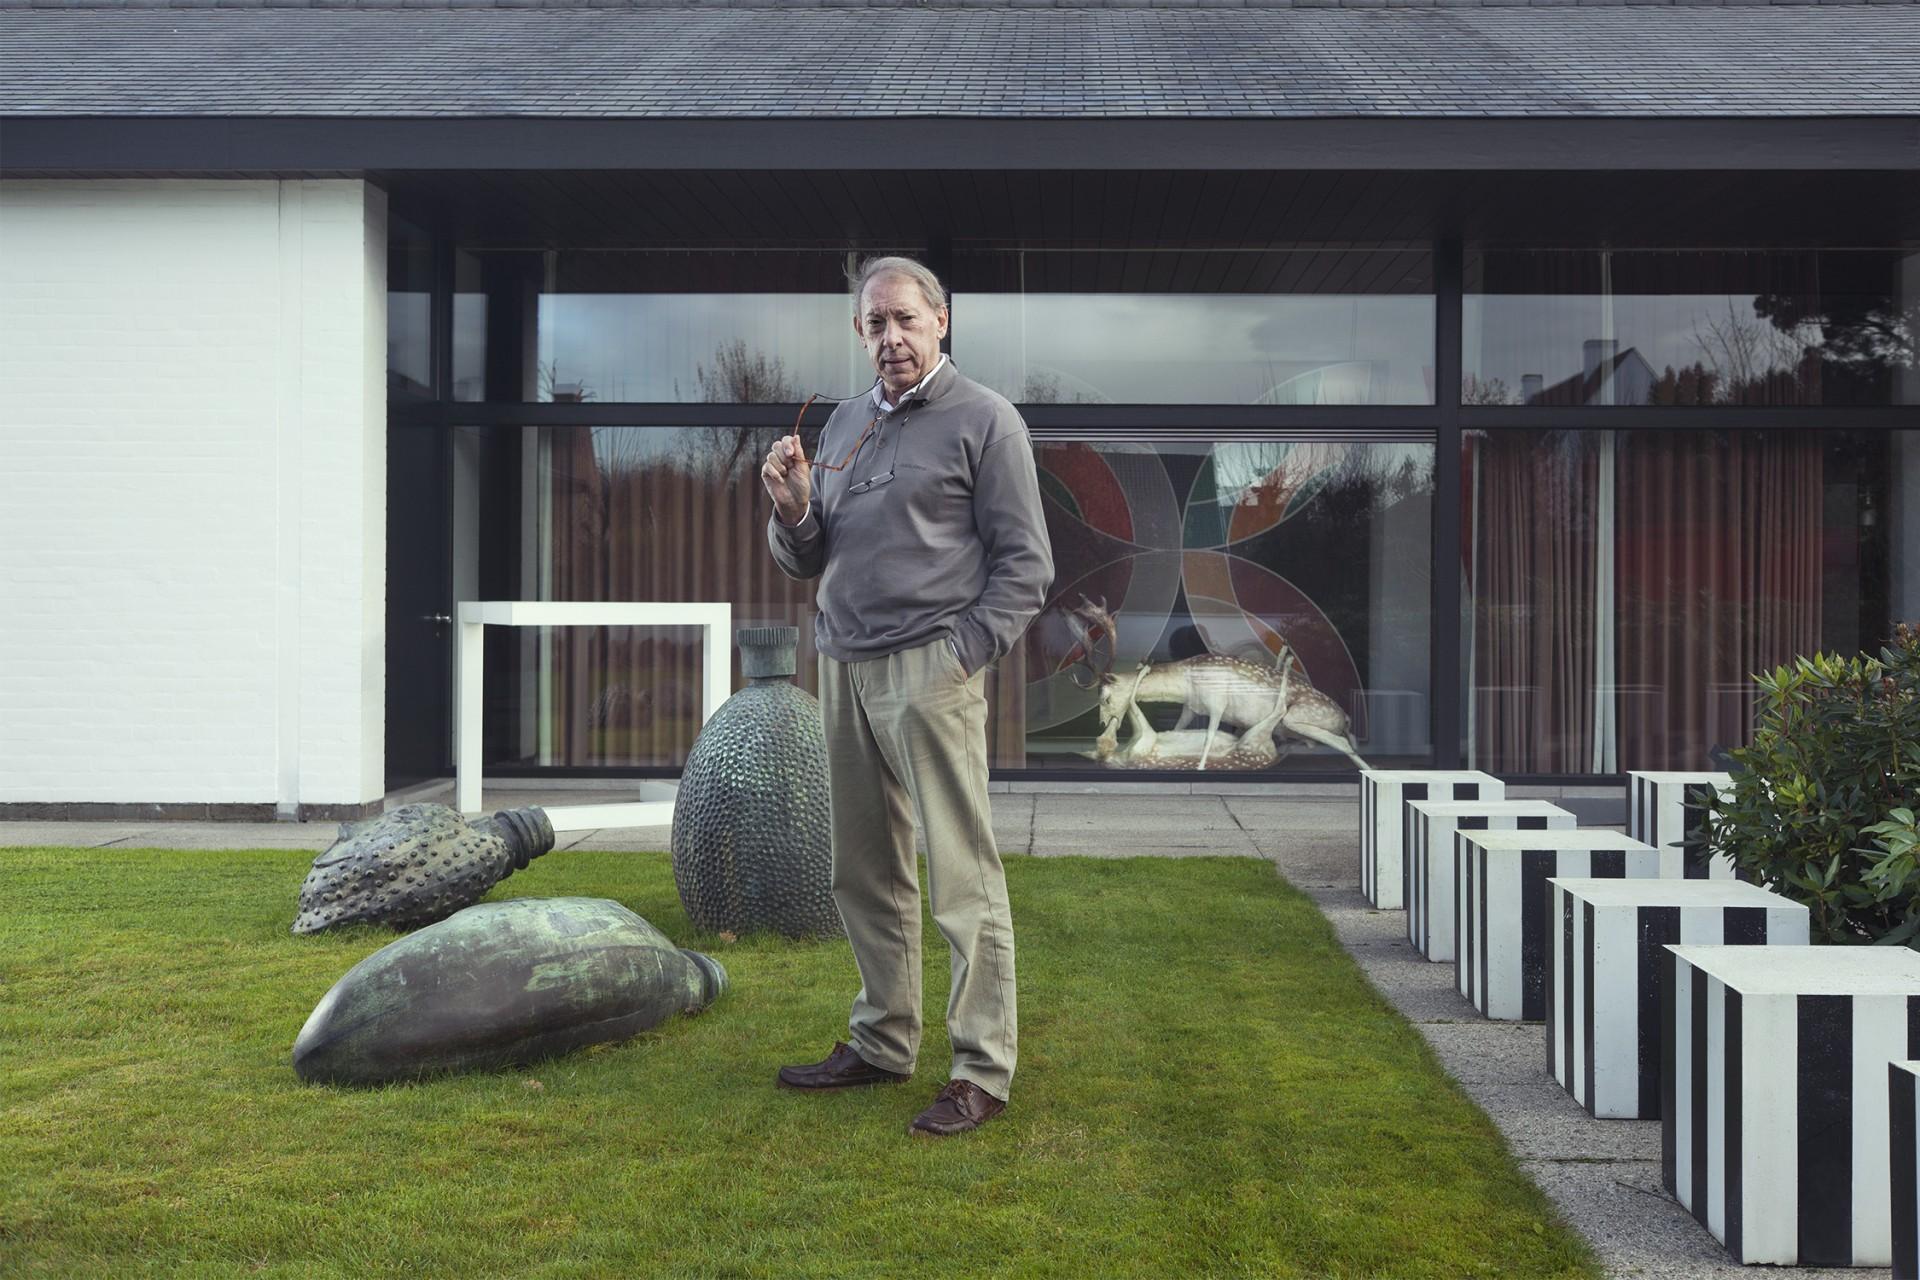 AVANTGAND - Zoob: Lieven Declerck <br/> Trophy (1999) by Wim Delvoye